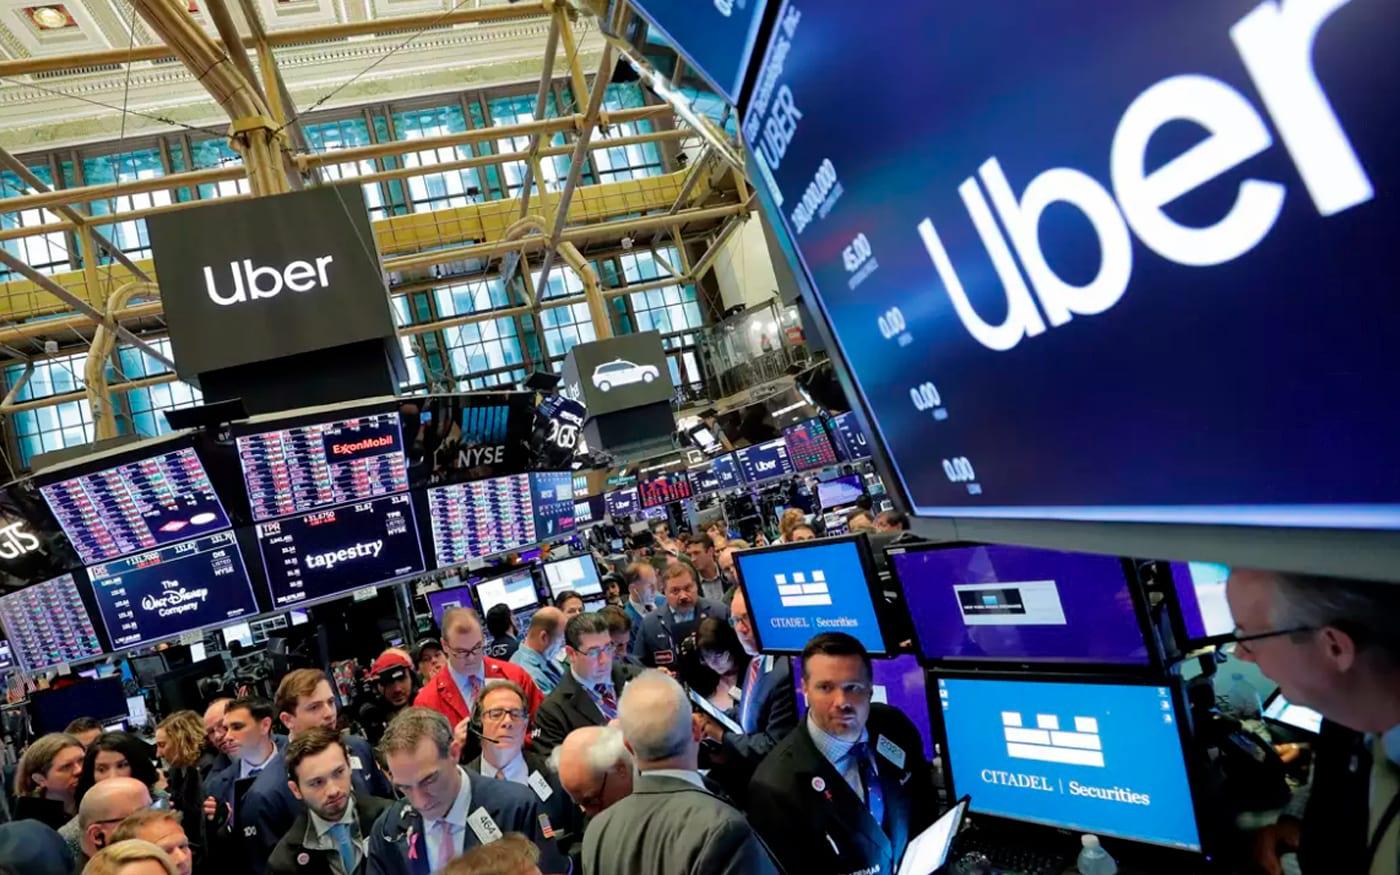 Uber registra perda de mais US$1 bilhão no último trimestre